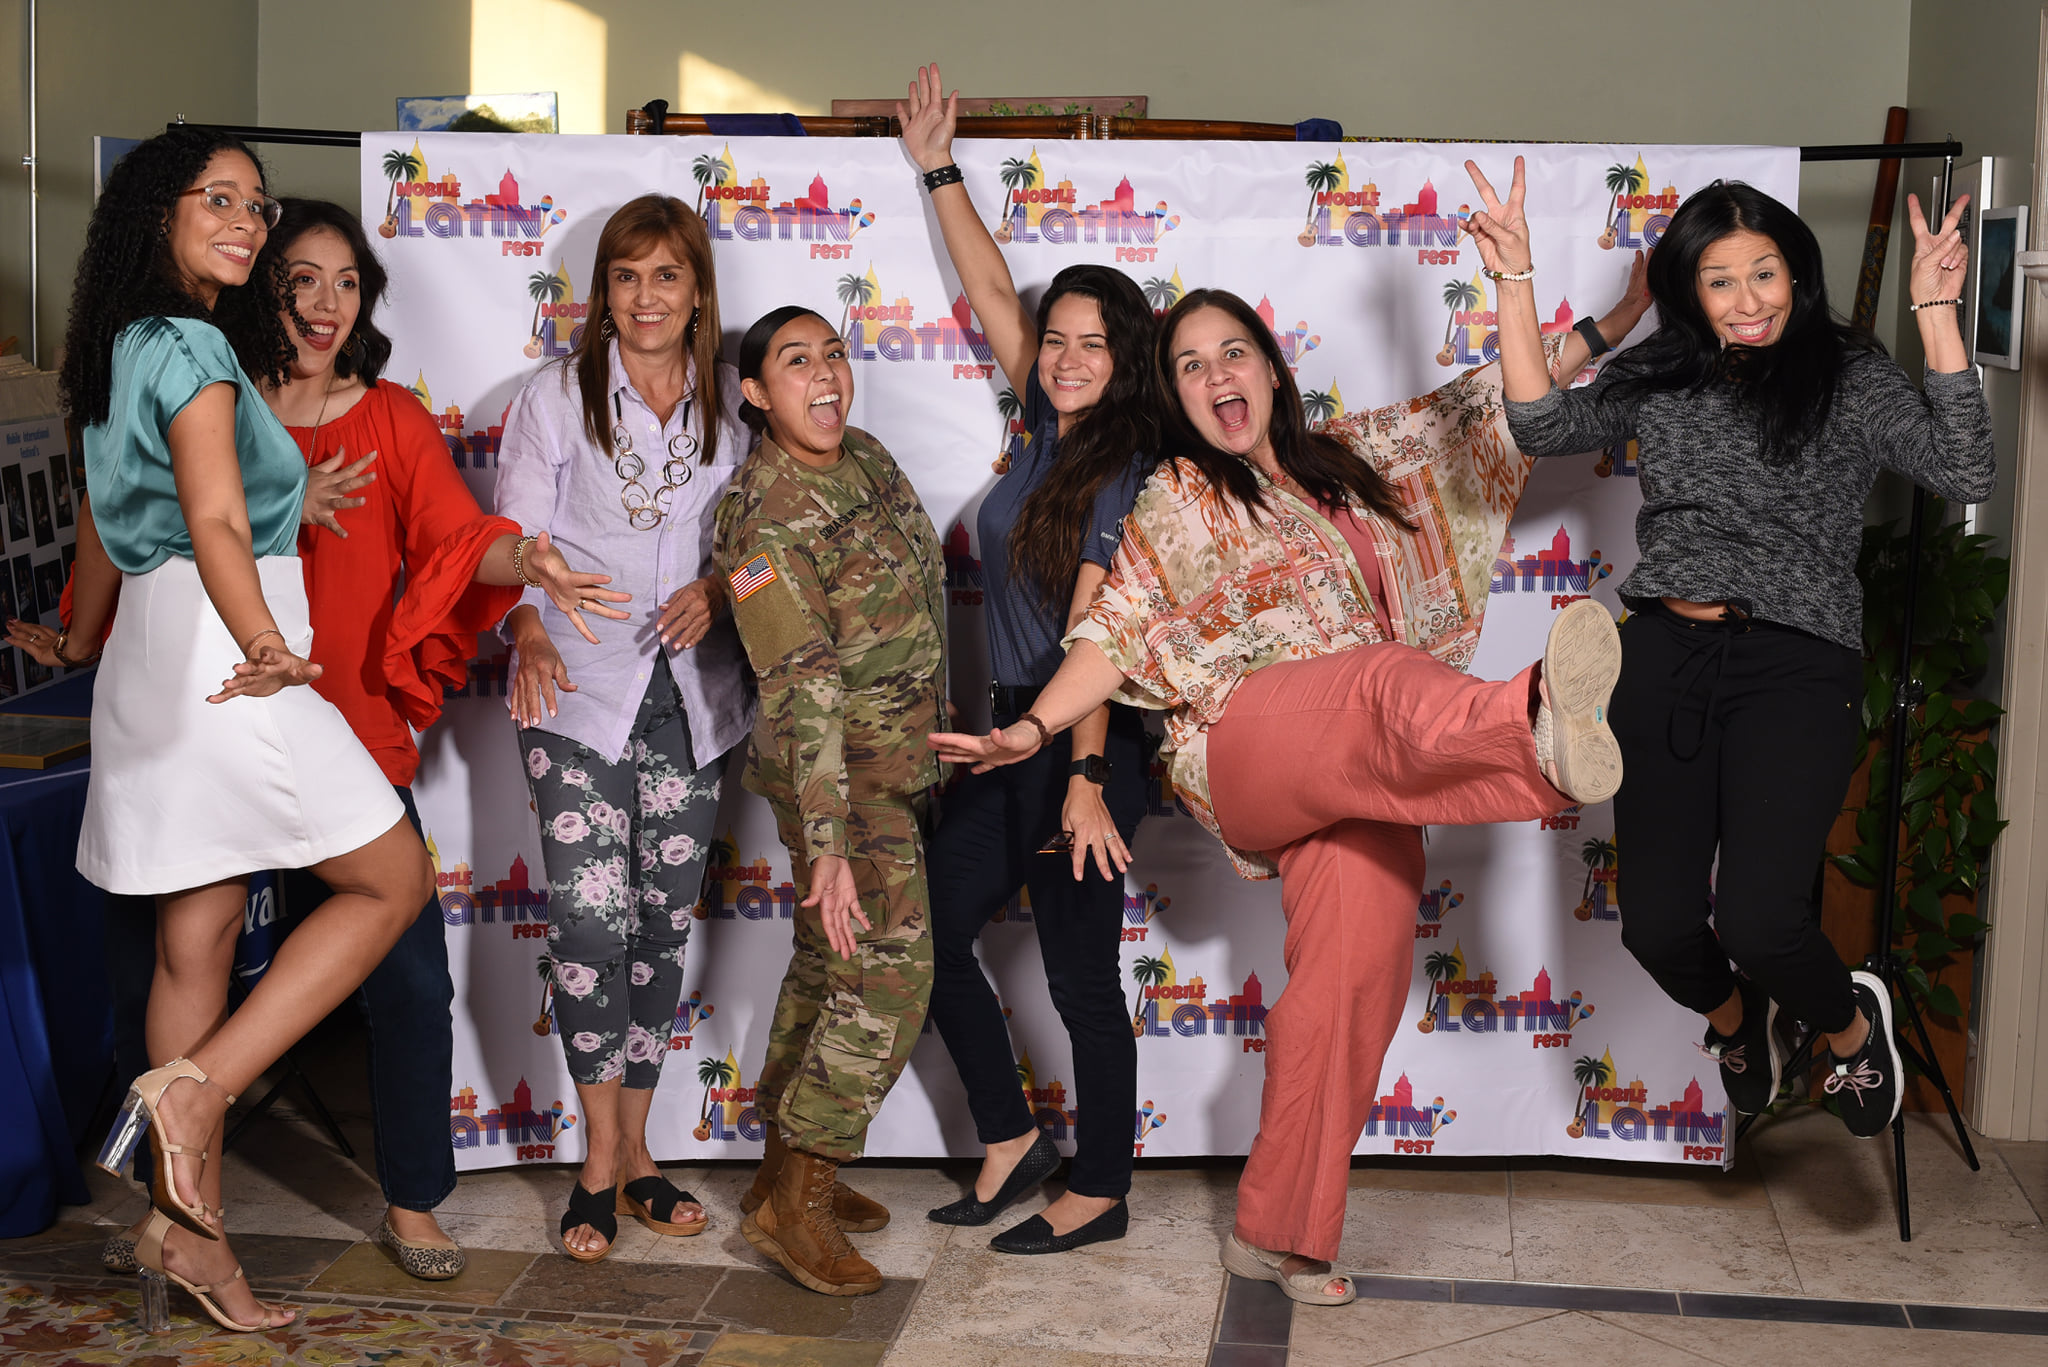 Celebrate Hispanic Heritage Month 3 ways on the Gulf Coast